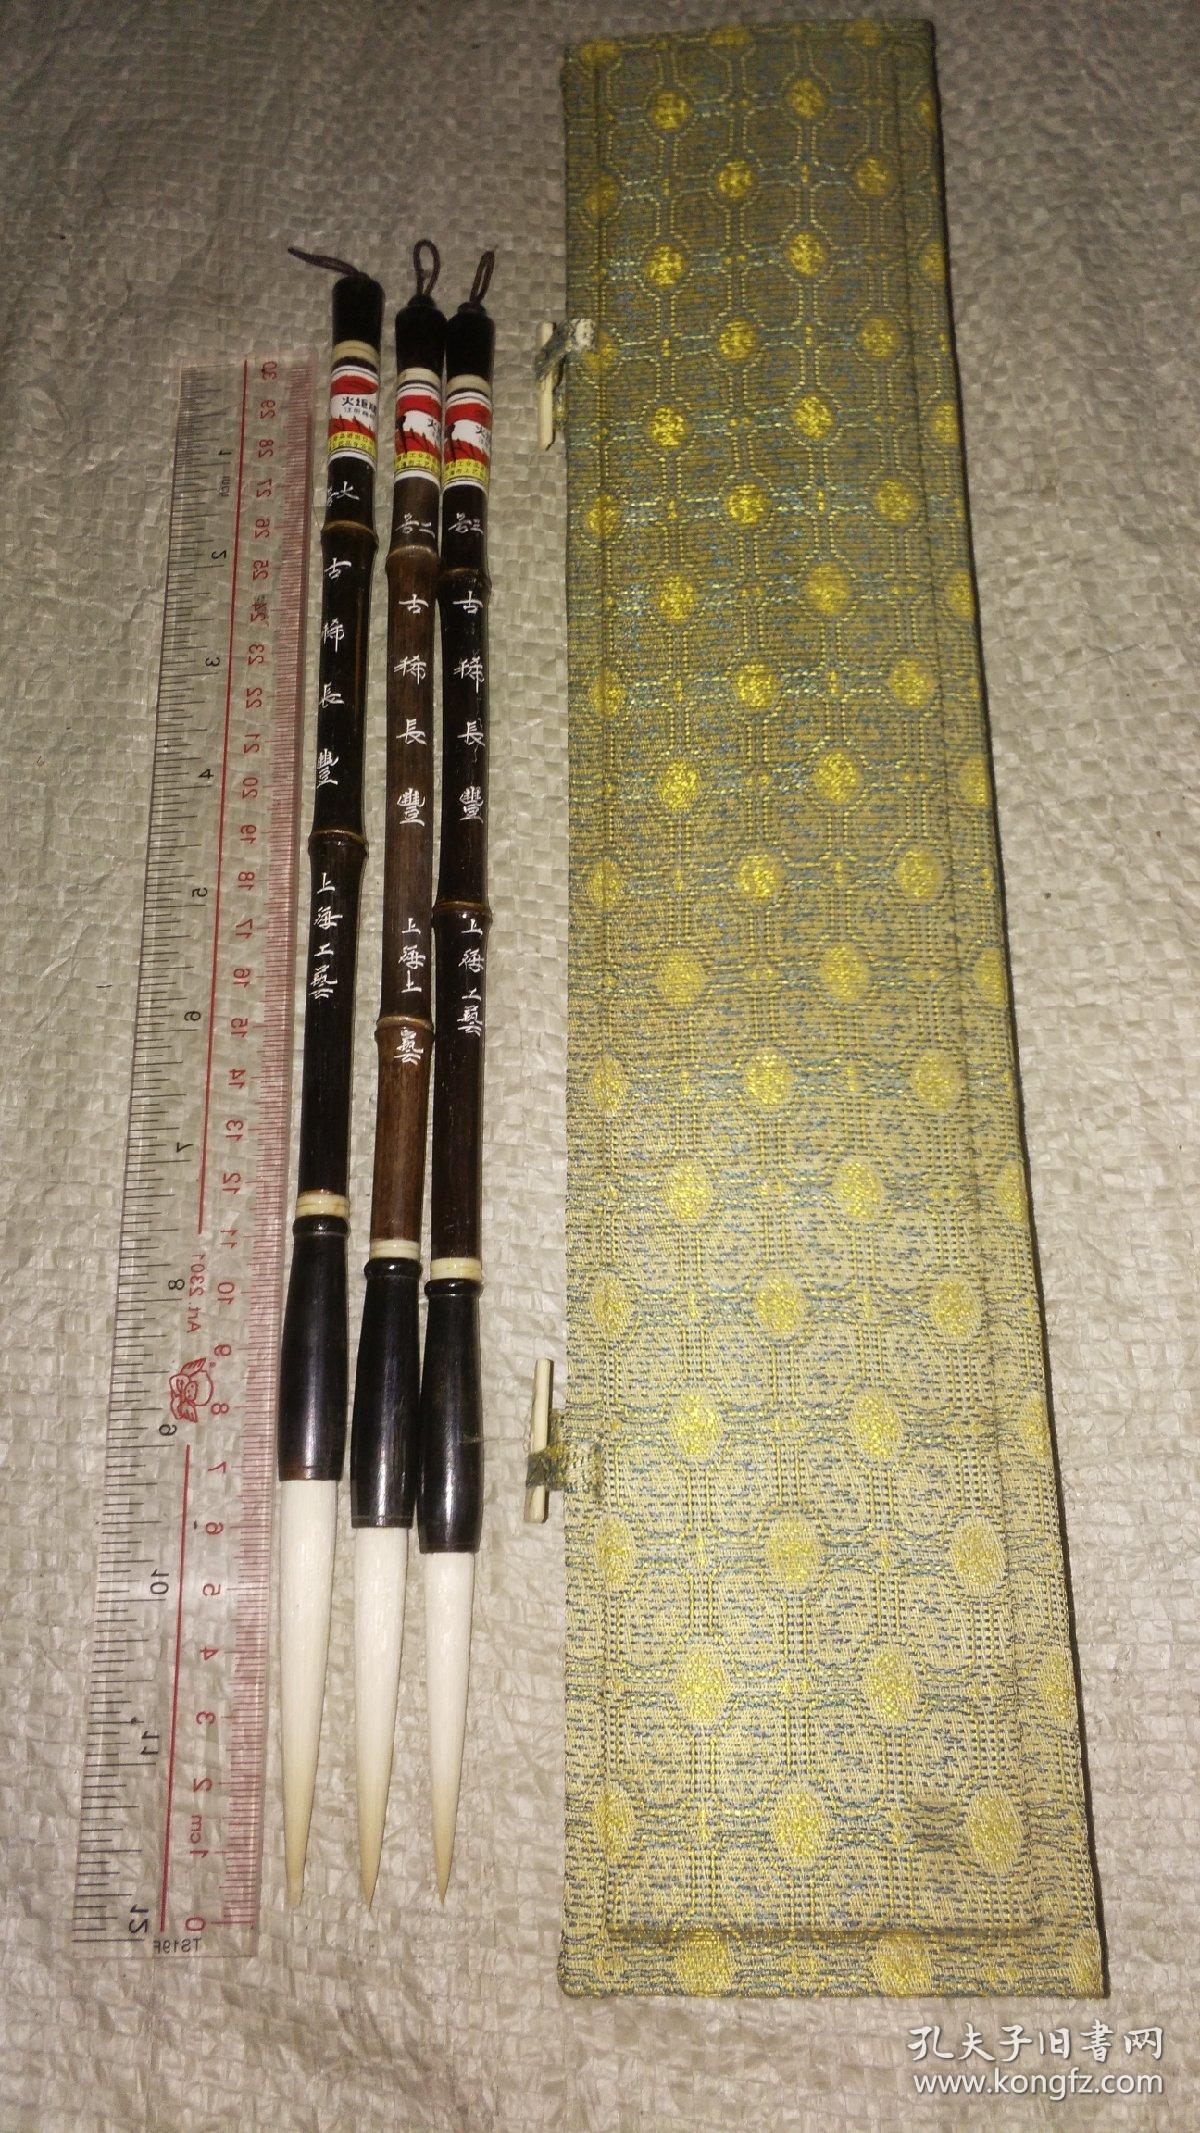 老毛笔;《古稀长锋》一套。上海工艺